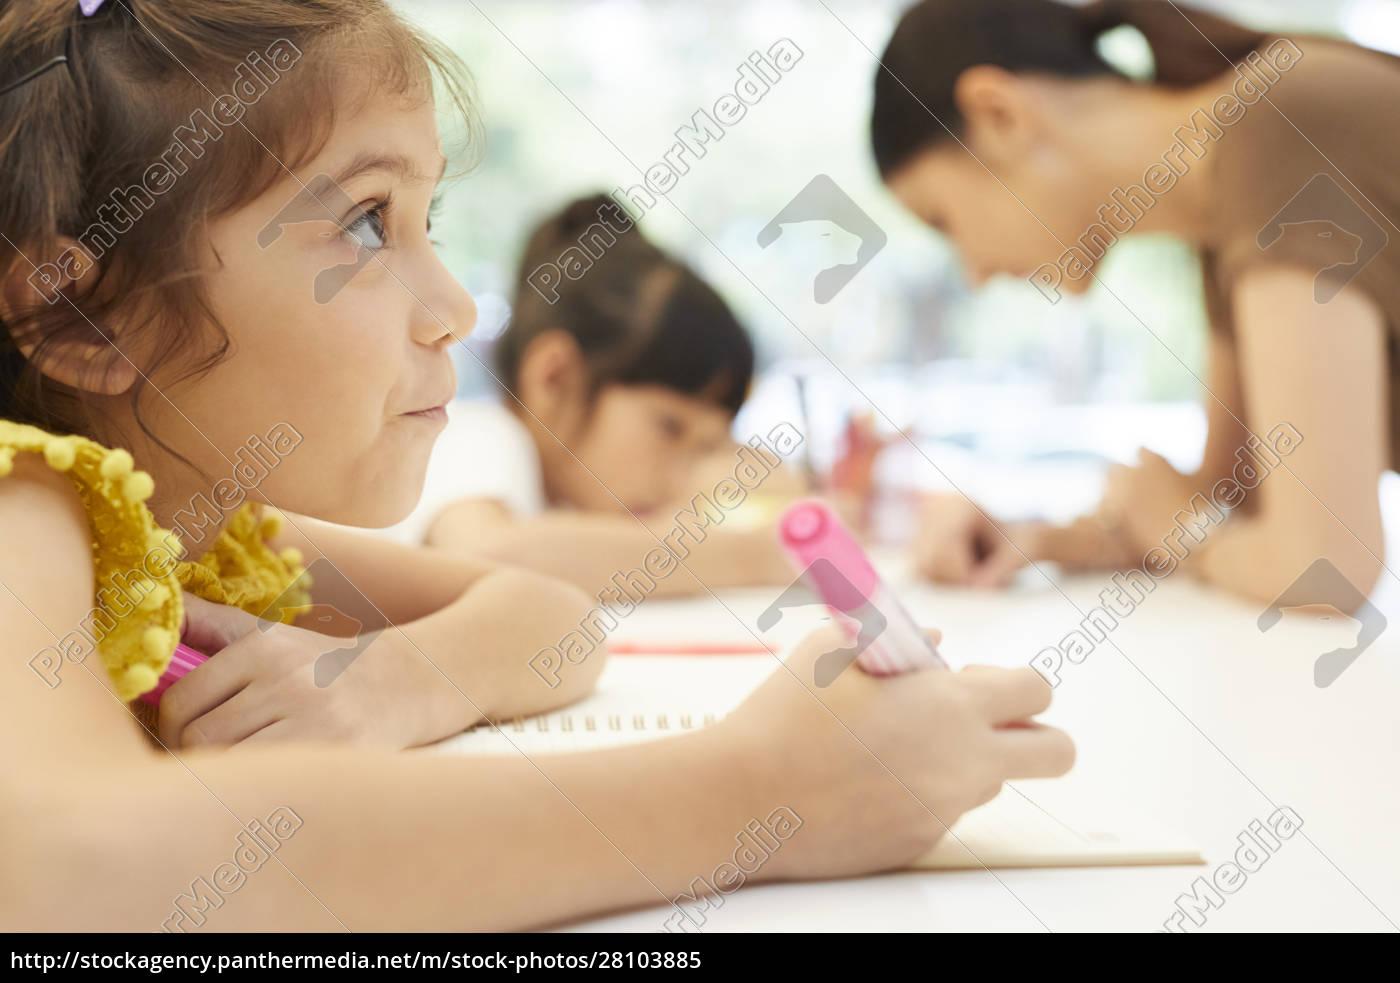 vita, scolastica - 28103885